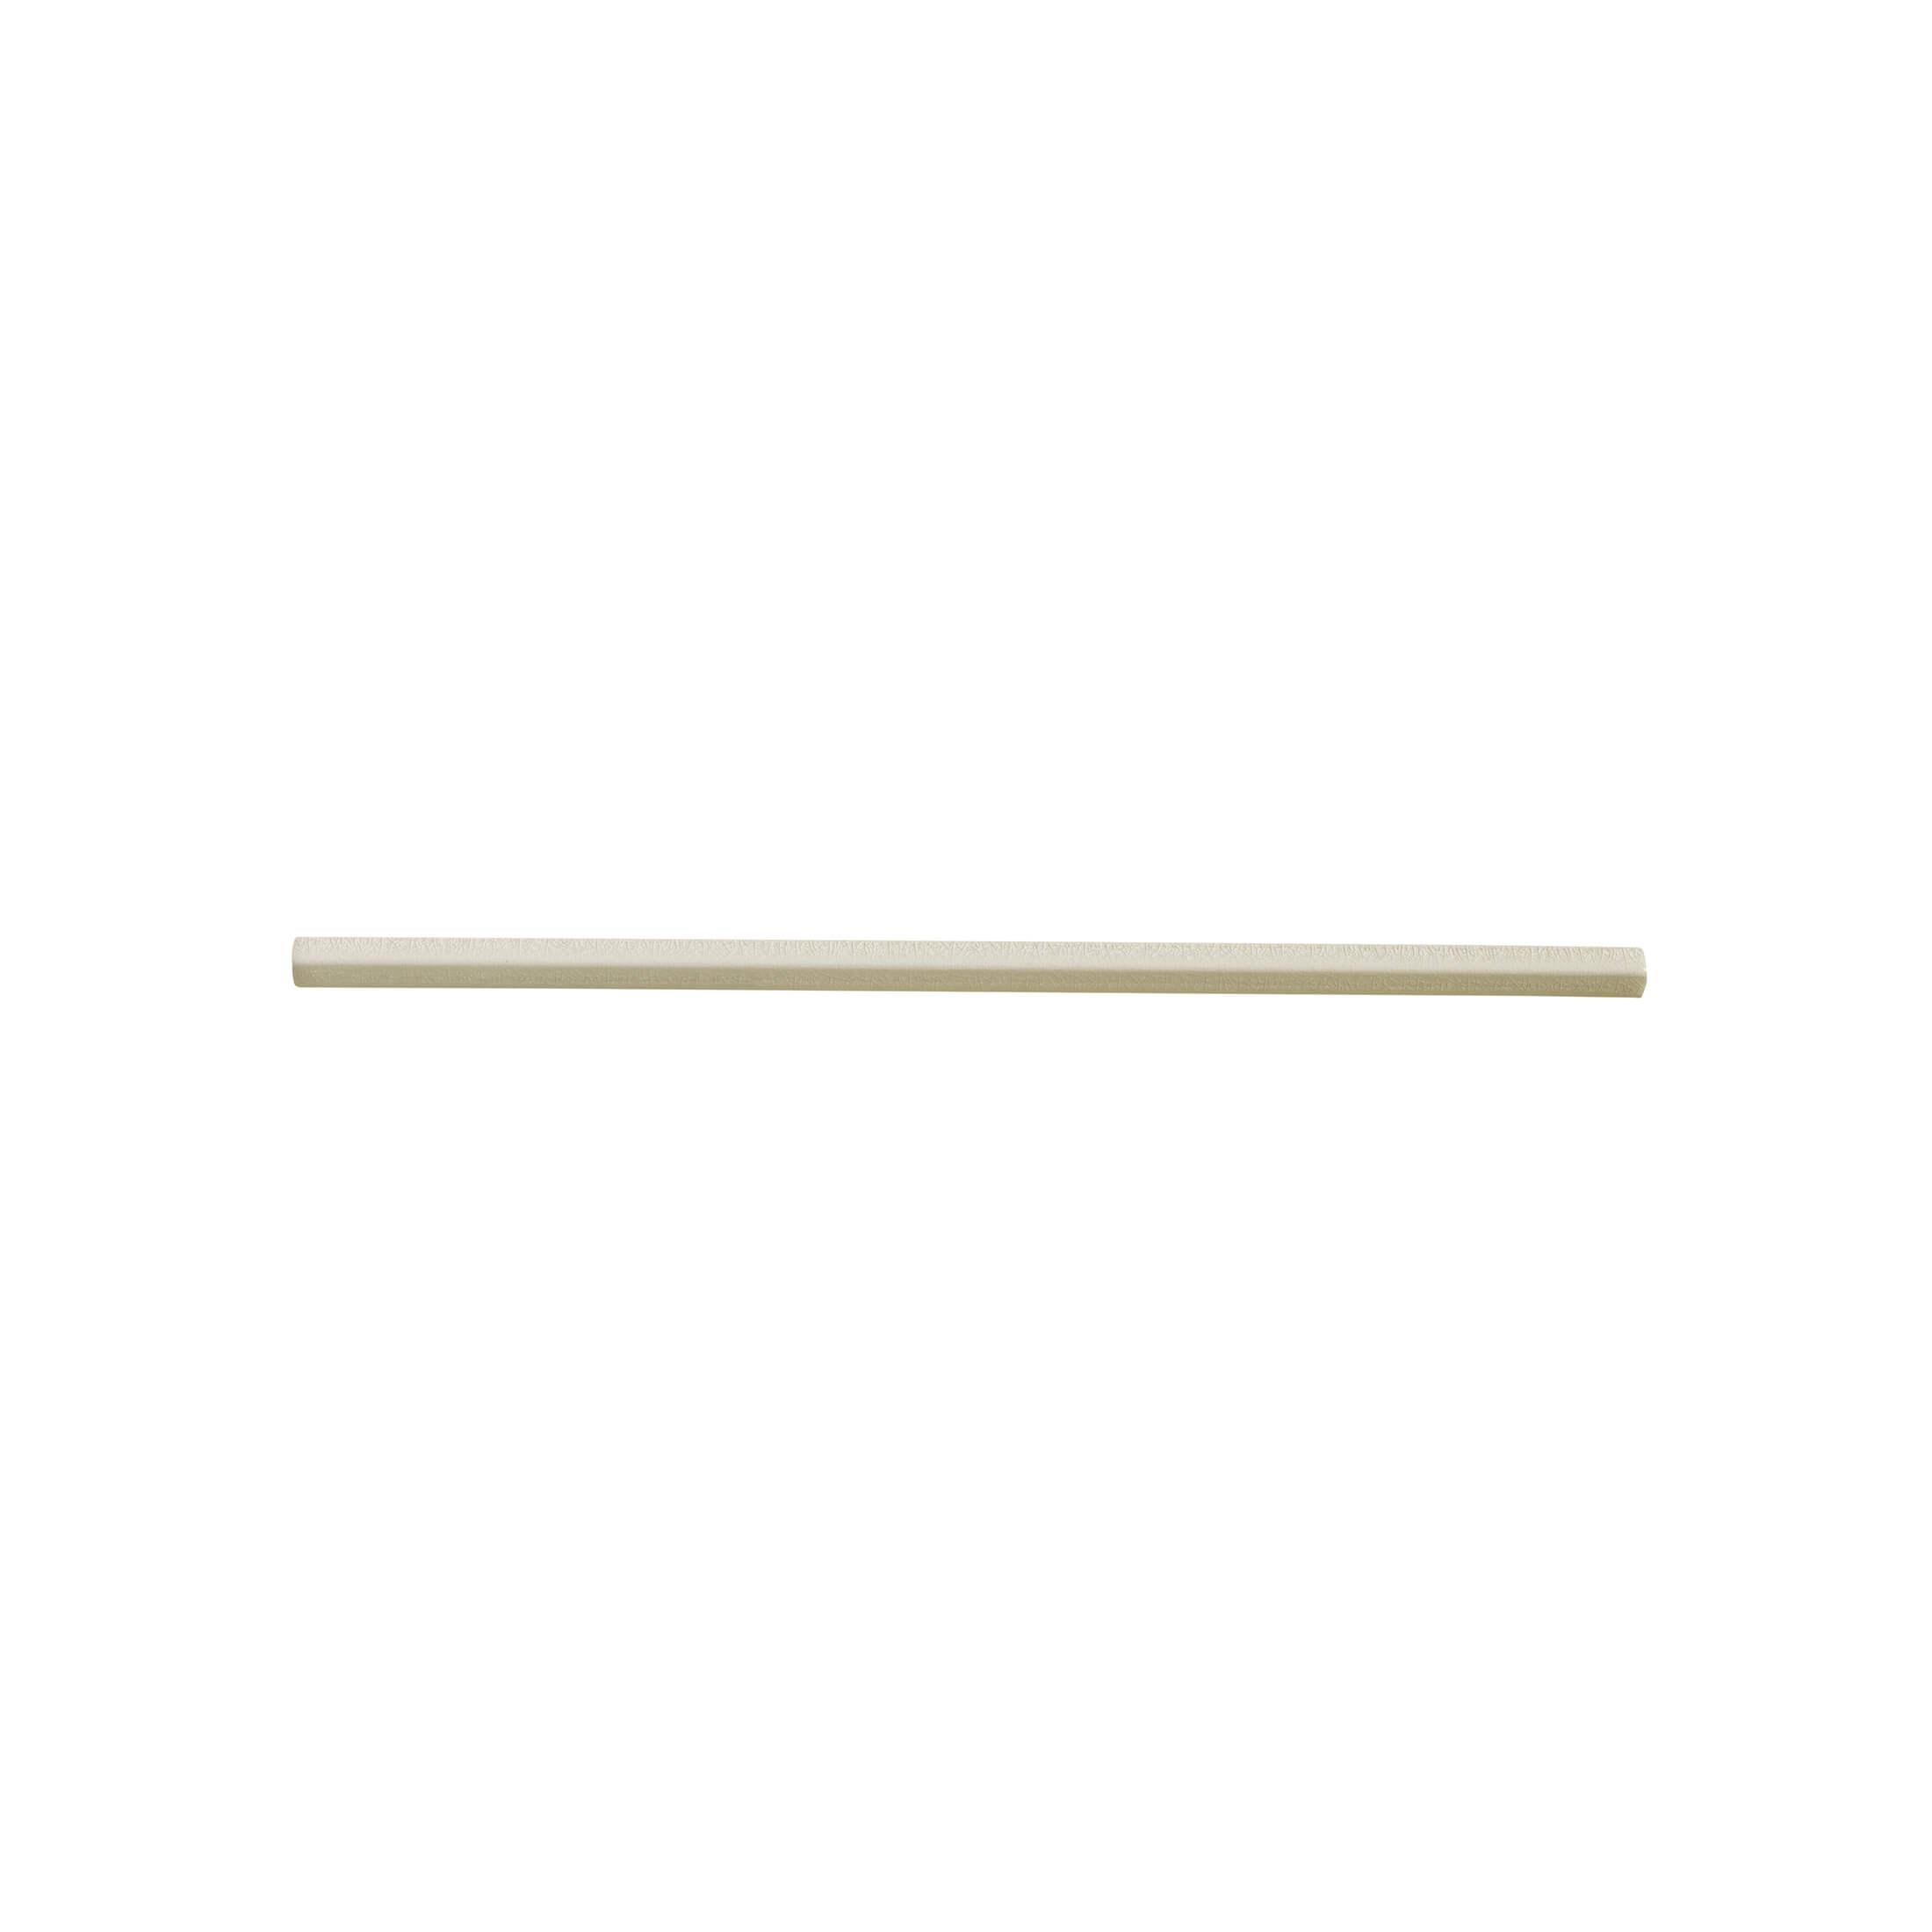 ADOC5089 - BULLNOSE TRIM - 0.85 cm X 22.5 cm